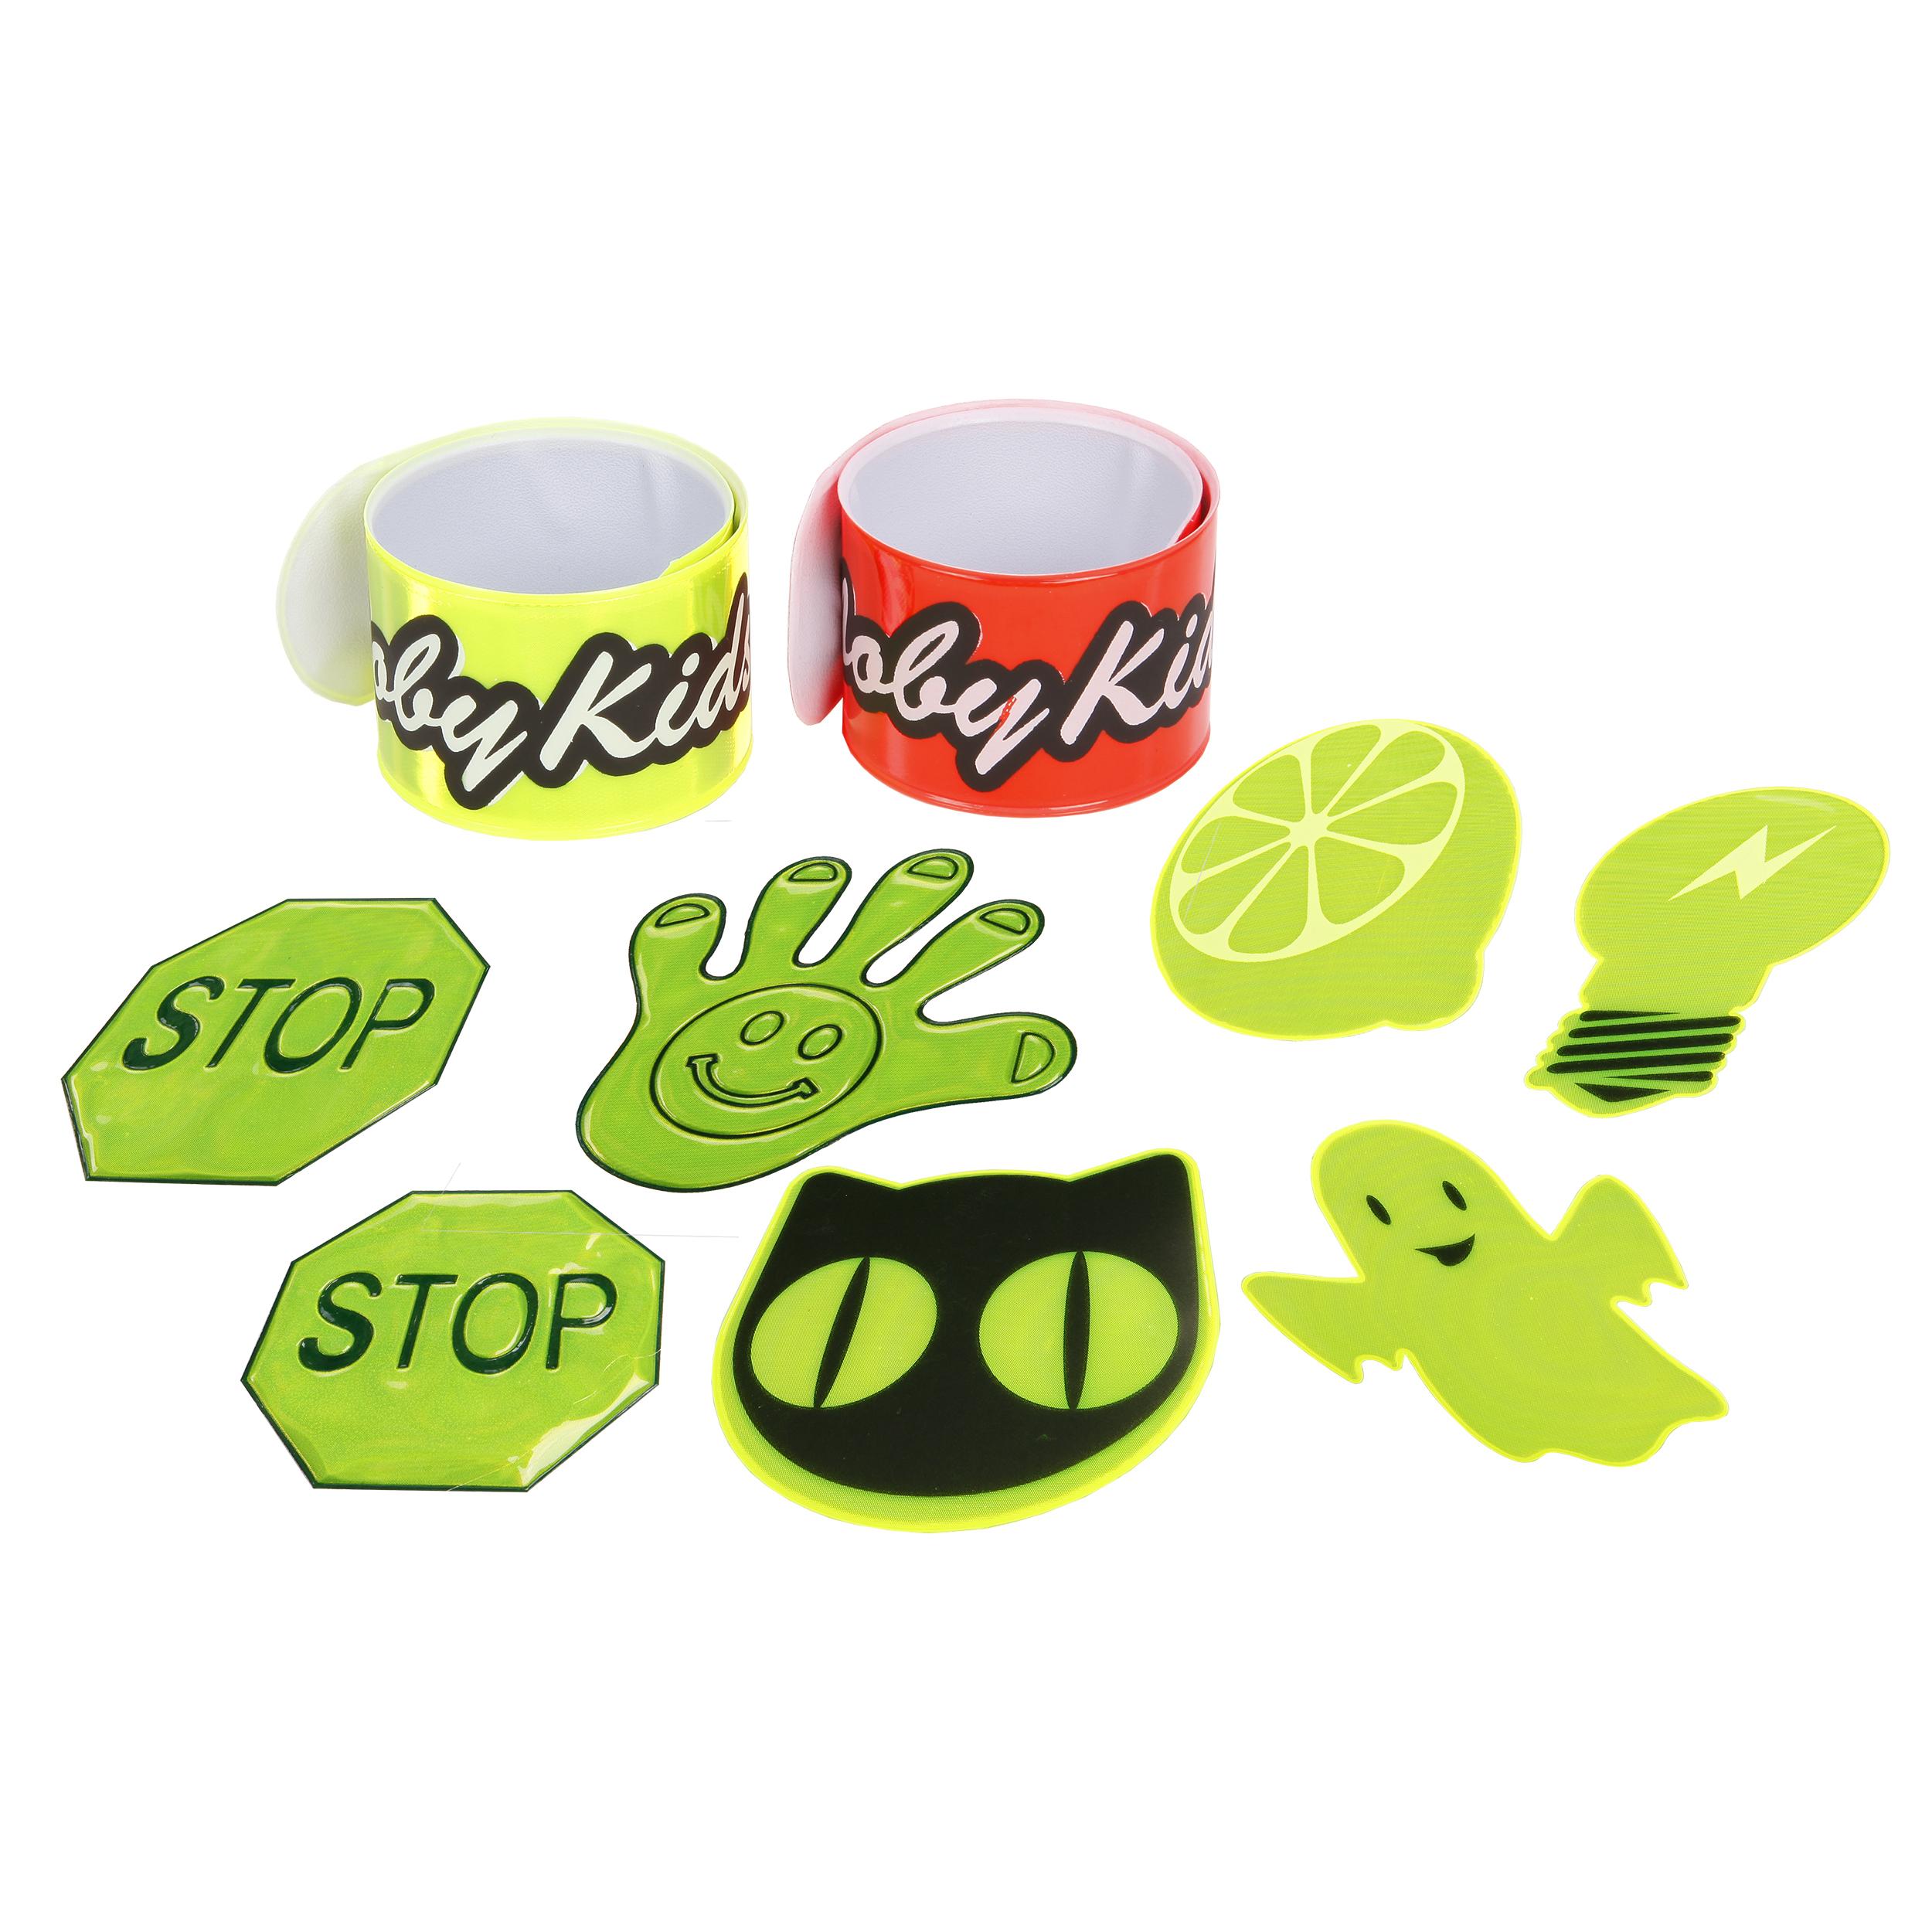 Наклейки Moby Kids 635224 муж strand браслеты wrap браслеты кожаные браслеты кожа сглаз на заказ панк браслеты черный назначение подарок повседневные на выход